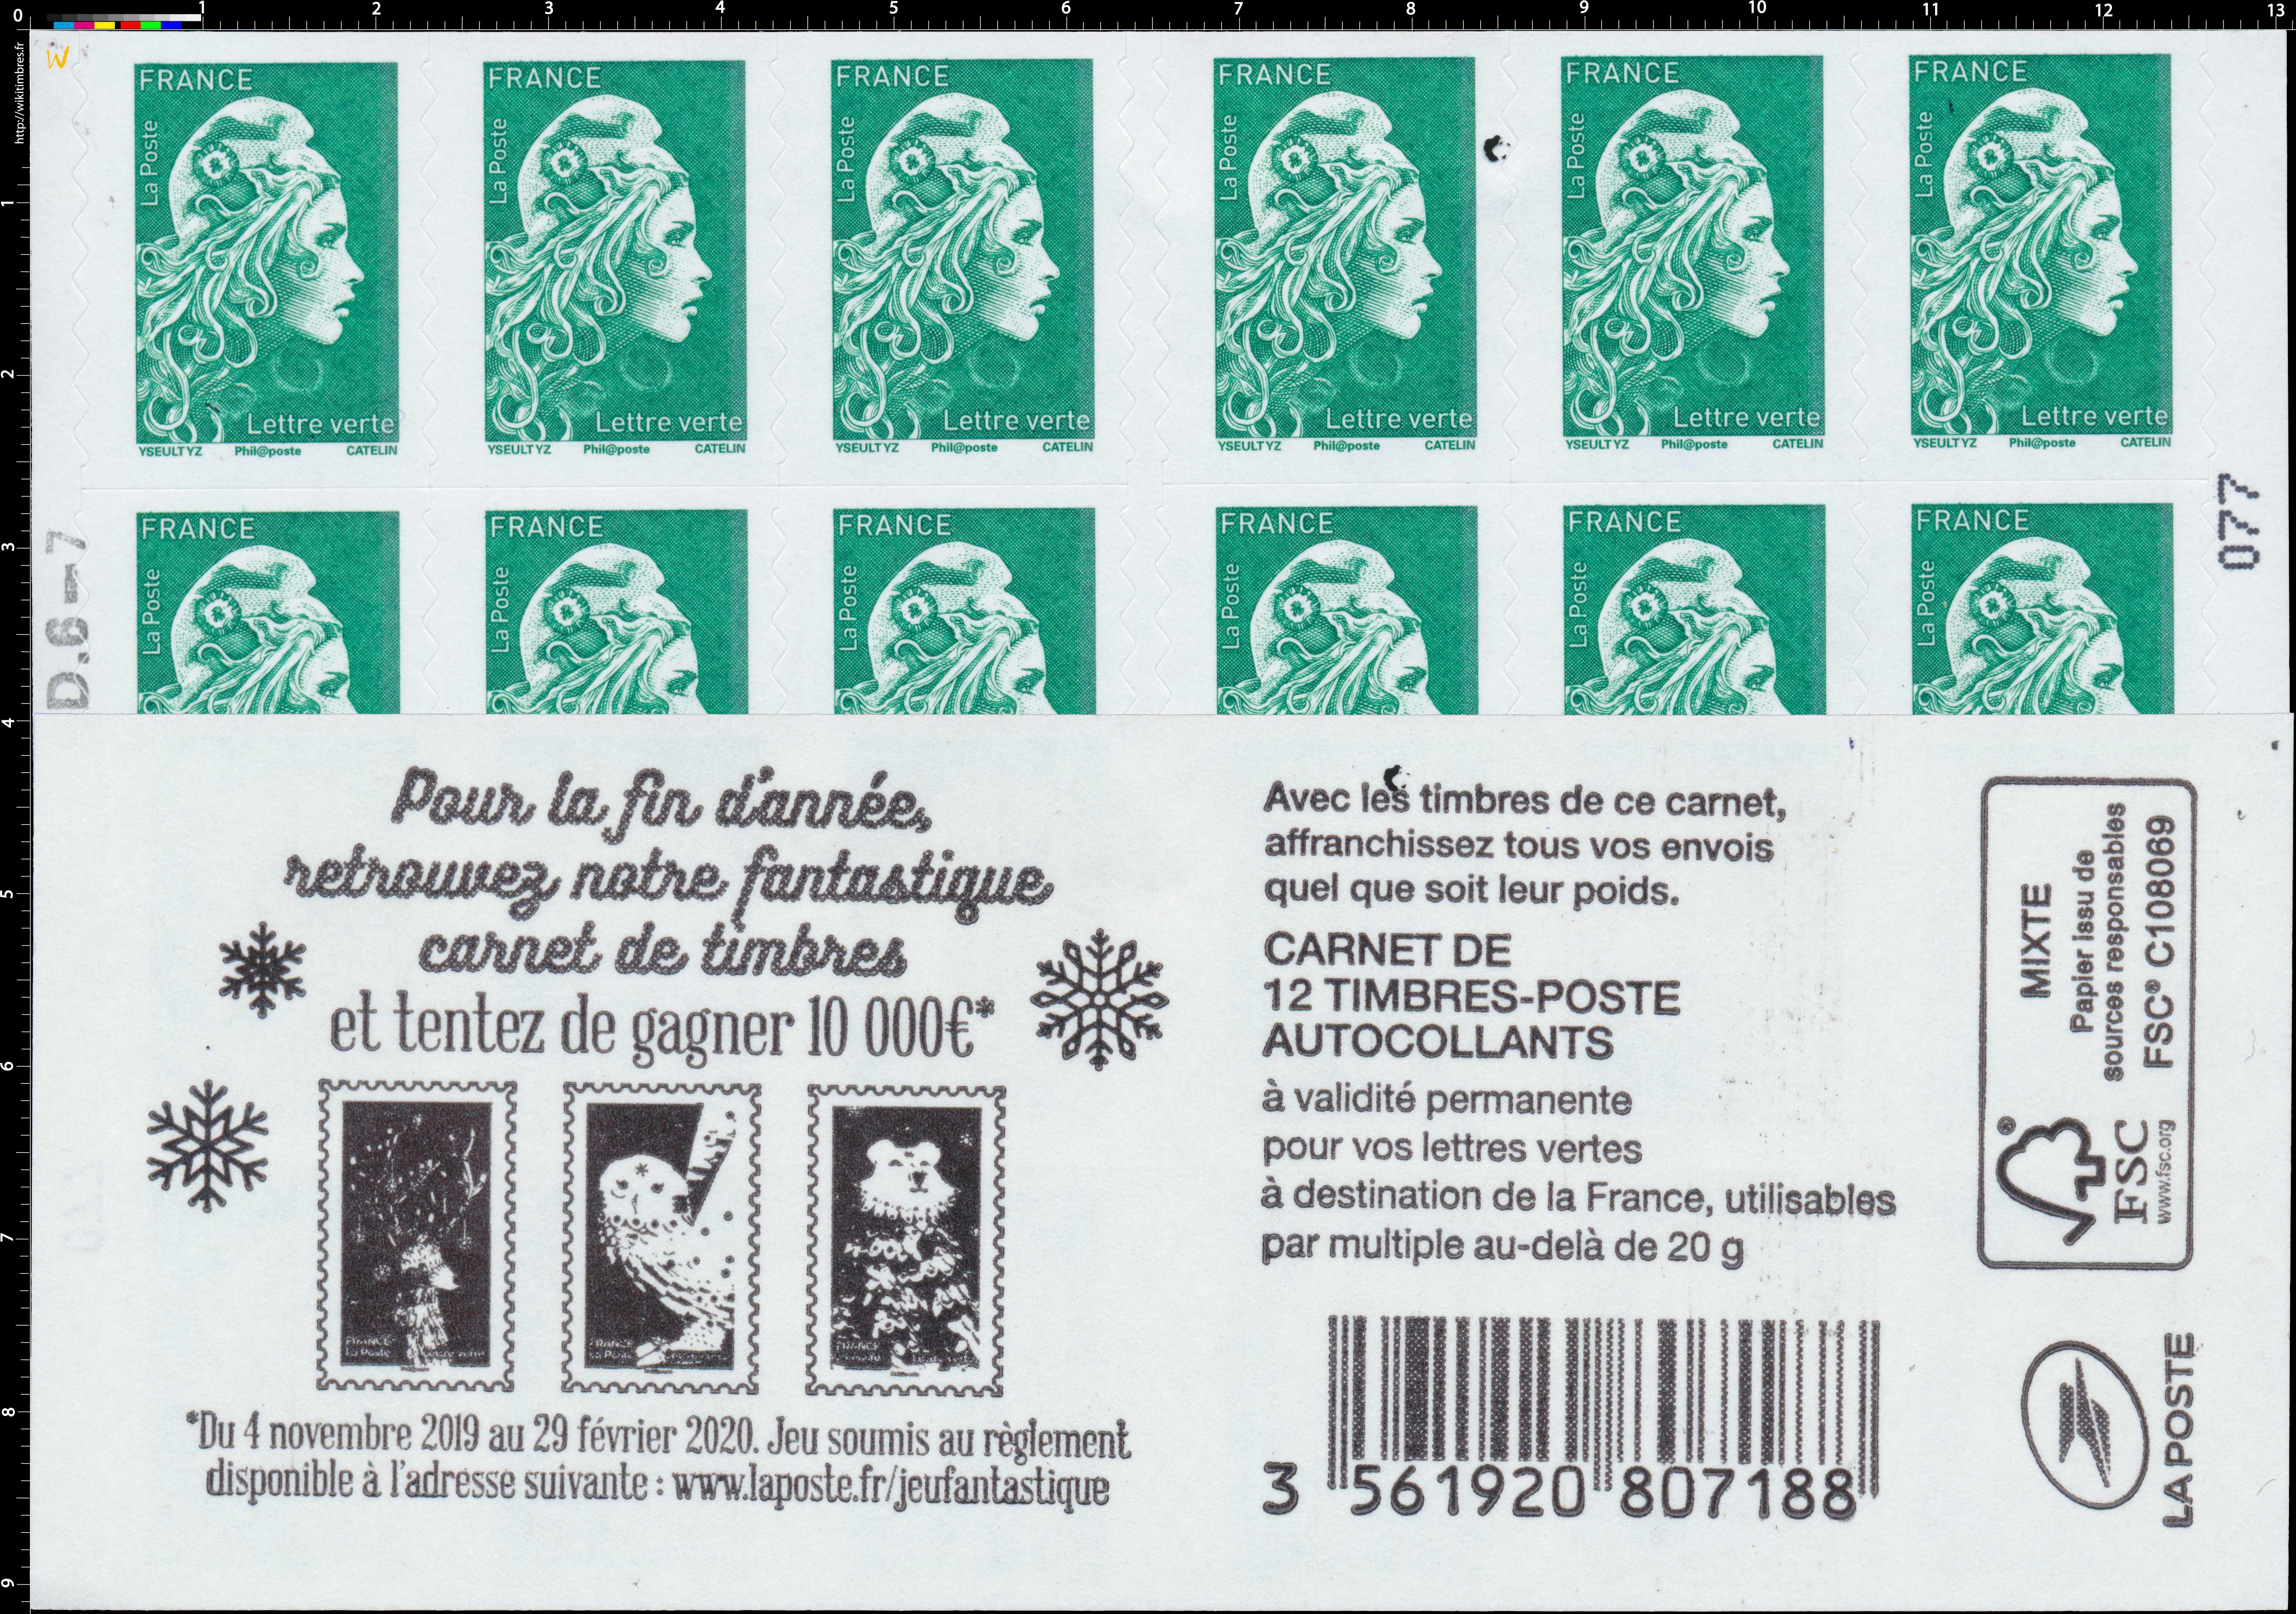 2019 Pour la fin de l'année retrouvez notre fantastique carnet de timbres - et tentez de gagner 10 000 €